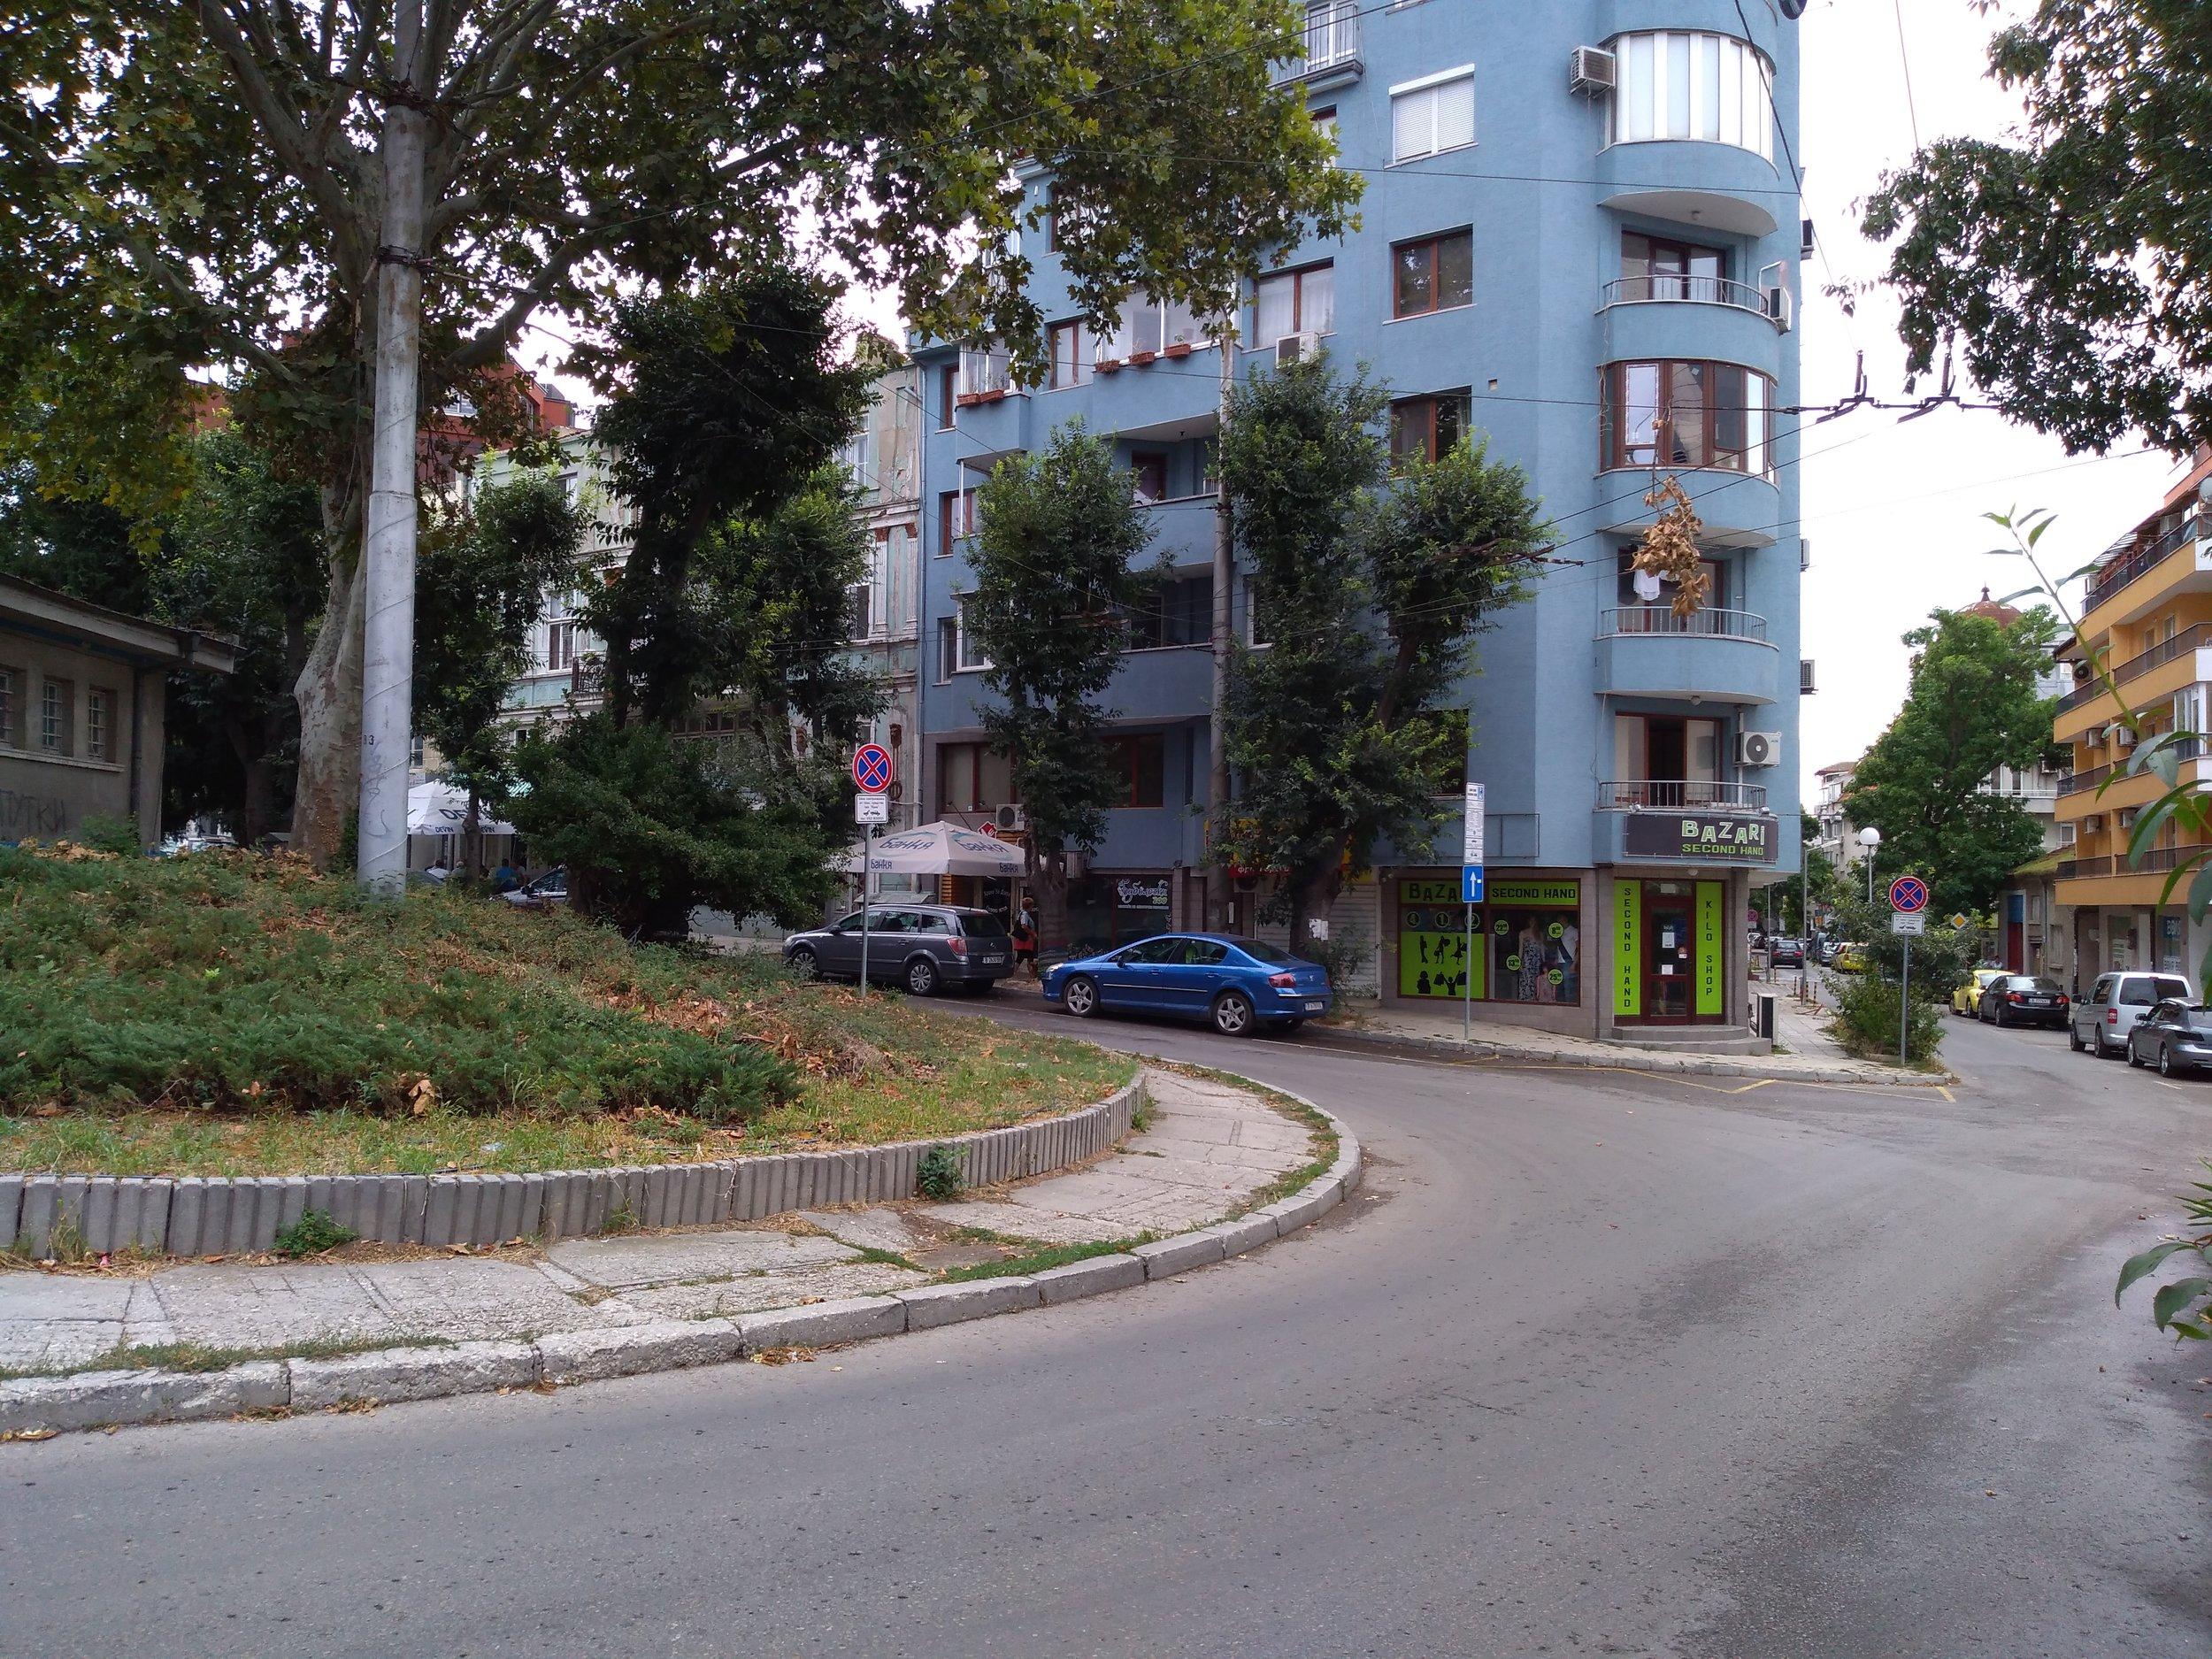 Nevyužívaná nácestná konečná Dimčo Debeljanov v centru města.